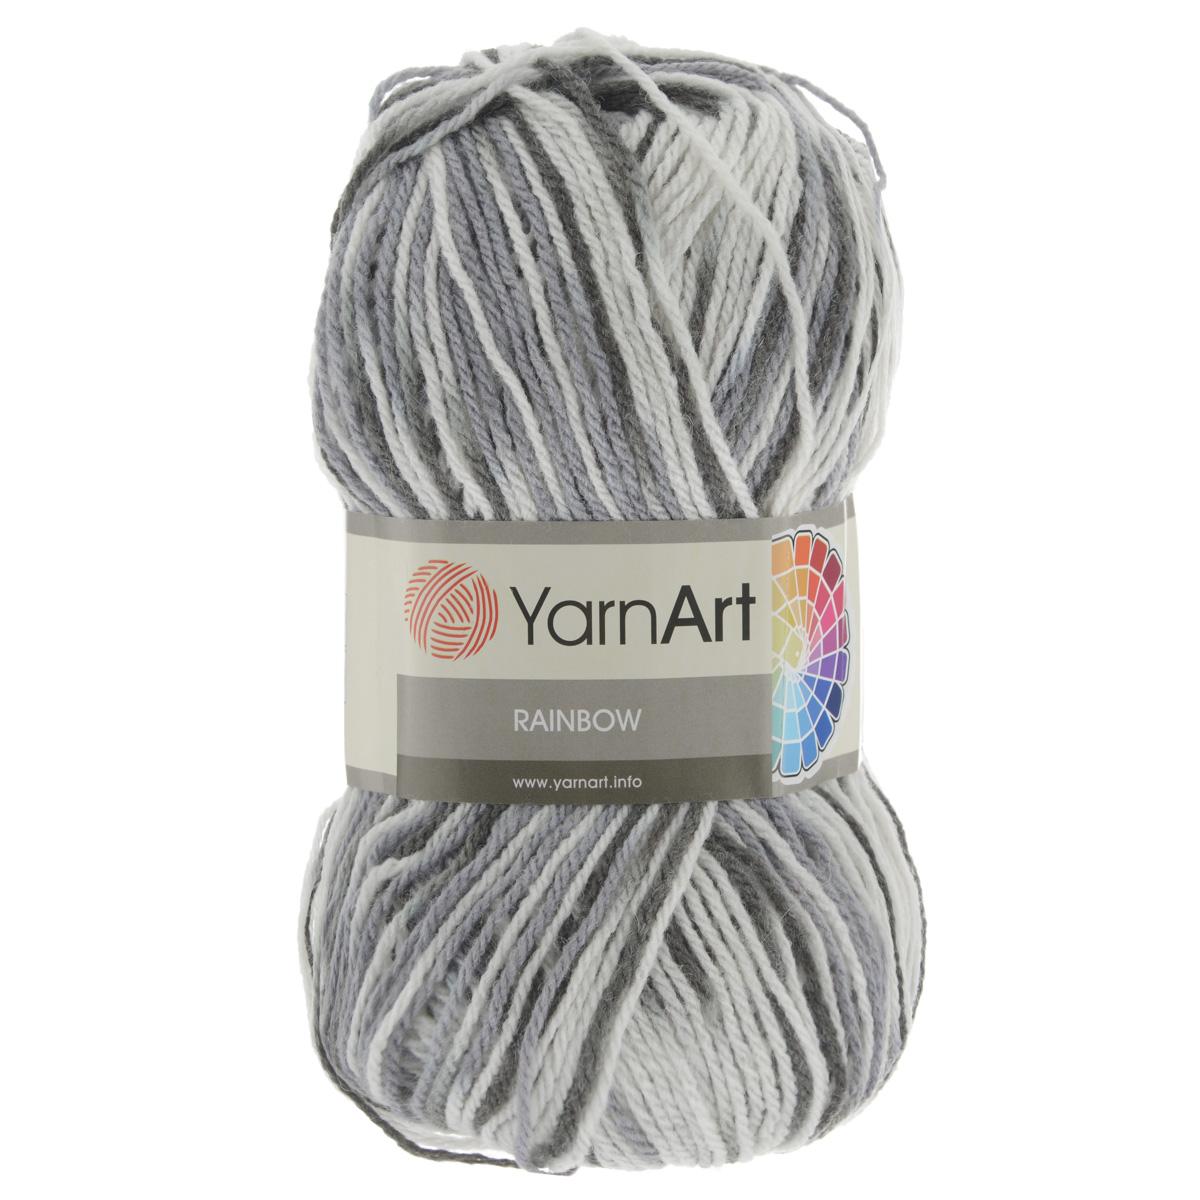 Пряжа для вязания YarnArt Rainbow, цвет: белый, светло-серый, серый (1958), 310 м, 100 г, 5 шт372030_1958В состав пряжи YarnArt Rainbow входит шерсть и волокна акрила. Такой сбалансированный состав обеспечивает готовым вещам удобство и практичность в использовании, а для мастериц спиц и крючка - возможность показать свое искусство. Классическая демисезонная пряжа YarnArt Rainbow - просто находка для вывязывания плотных теплых вещей. Наличие большого выбора расцветок пряжи предоставляет неограниченный простор для воплощения в реальность самых сложных узоров и мотивов. Качественная деликатная нить послушна и в плотной вязке, и в нежном ажуре. Состав: 80% акрил, 20% шерсть. Рекомендованные спицы и крючок 4 мм. Комплектация: 5 мотков.